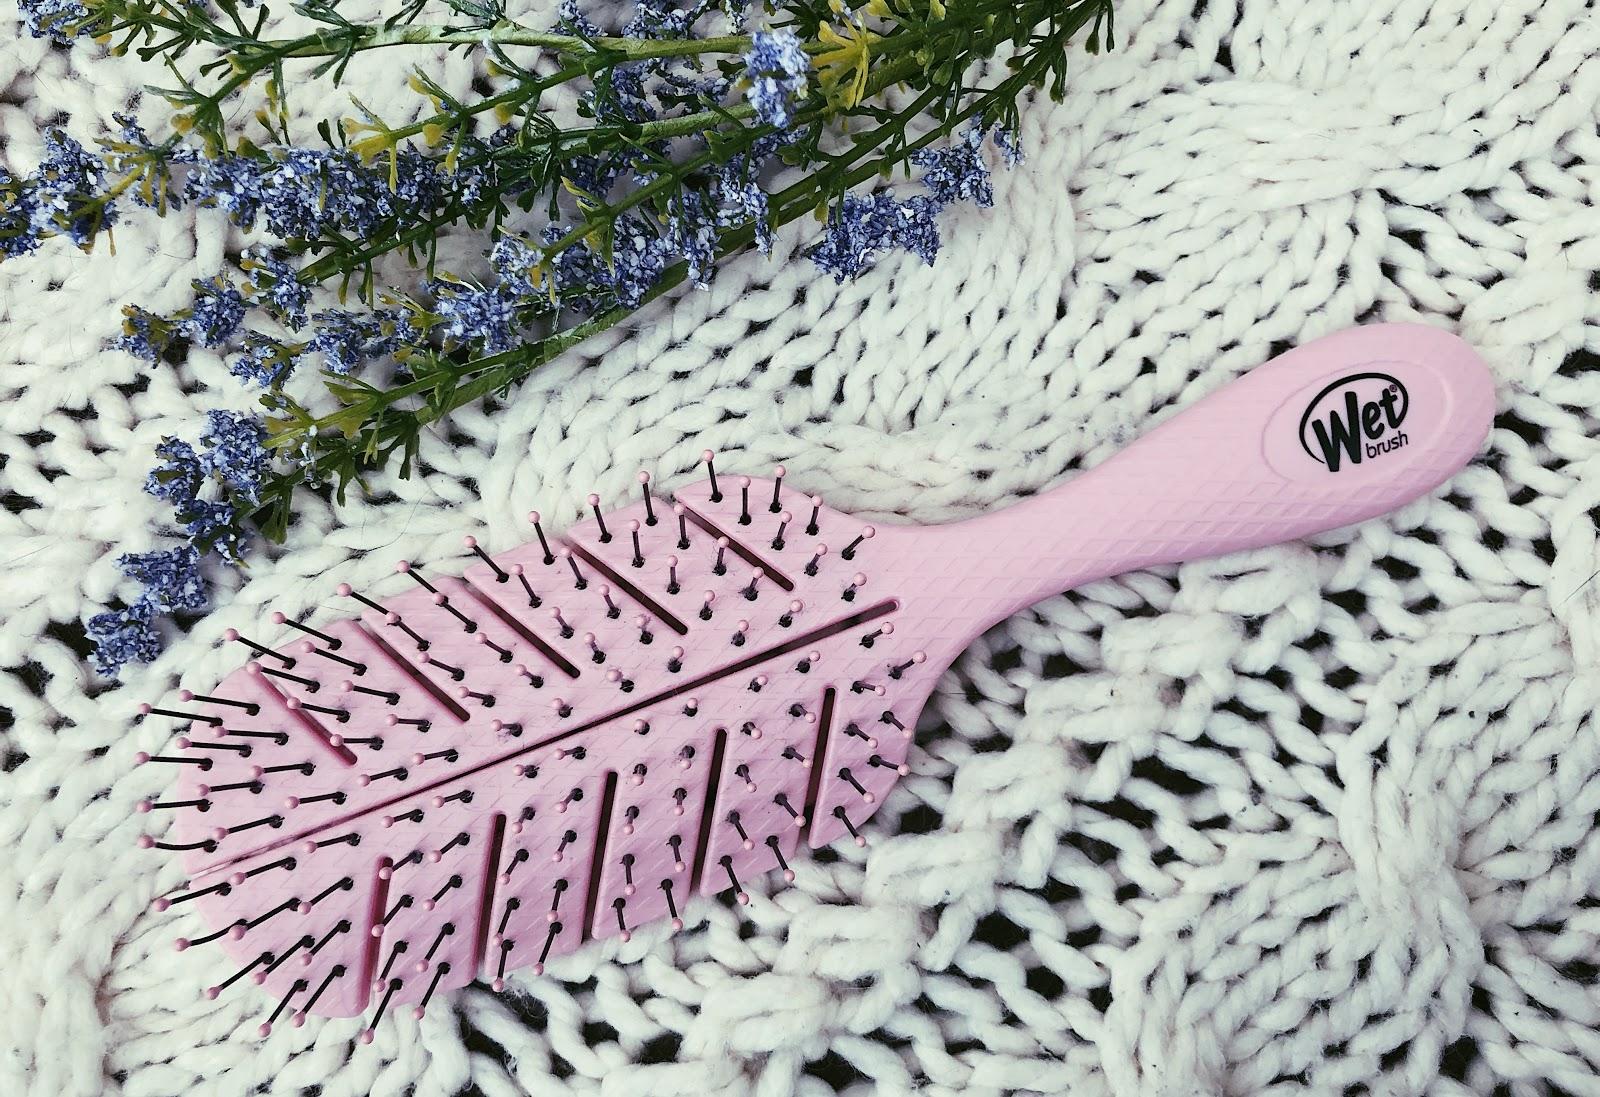 Biologische afbreekbare haarborstel van Wetbrush